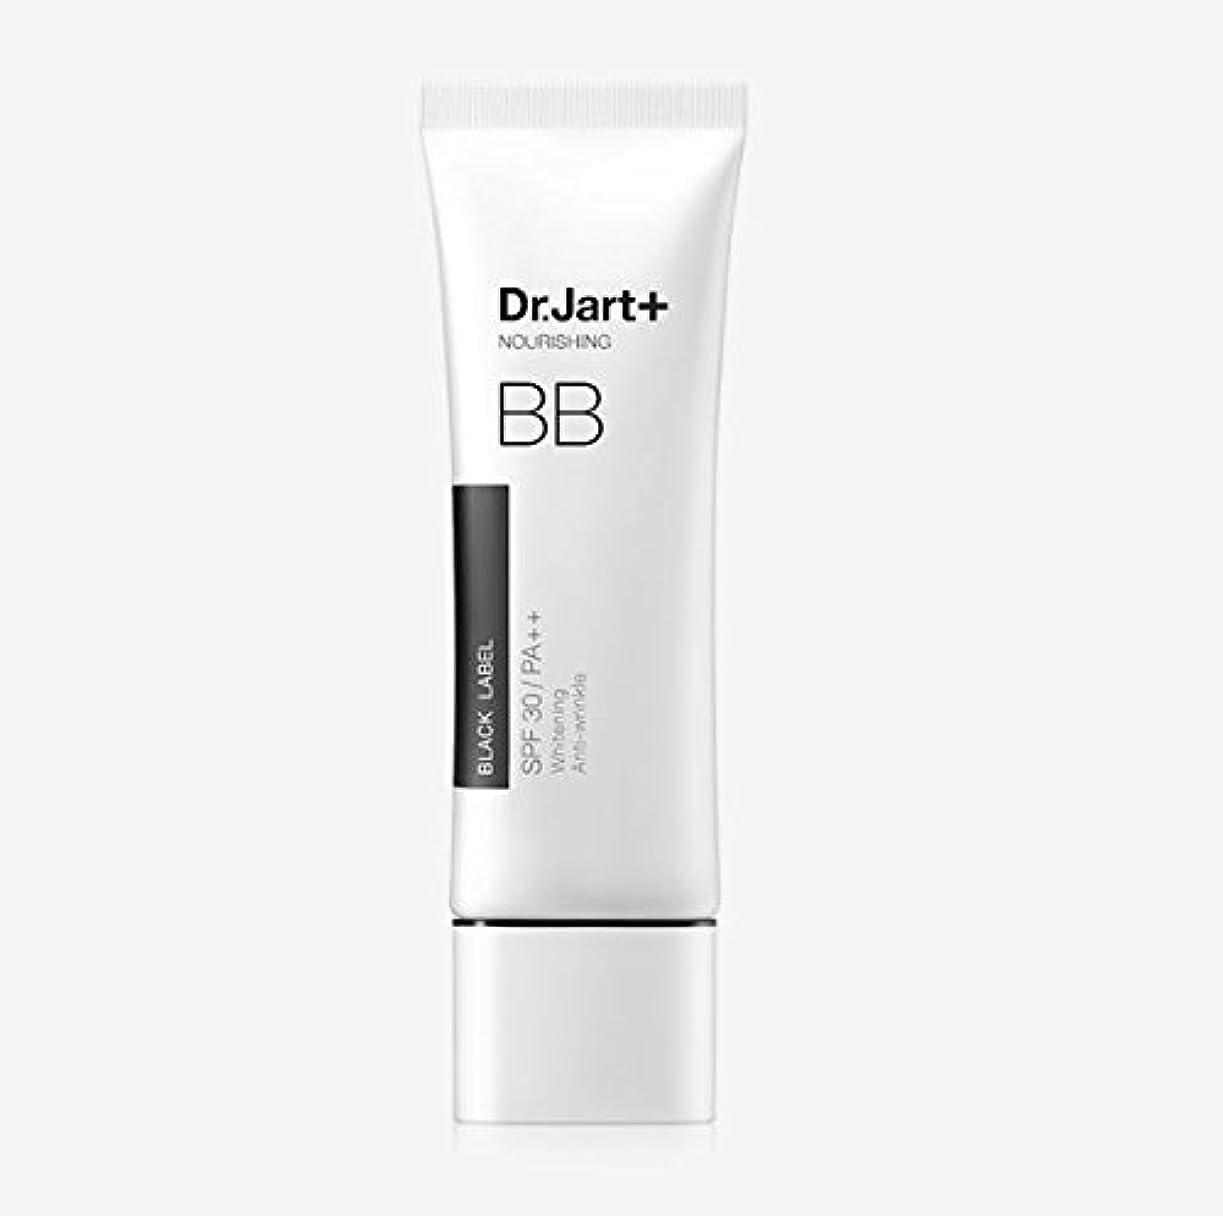 チャネル満州つば[Dr. Jart] Black Label BB Nourishing Beauty Balm 50ml SPF30 PA++/[ドクタージャルト] ブラックラベル BB ナリーシン ビューティー バーム 50ml SPF30 PA++ [並行輸入品]